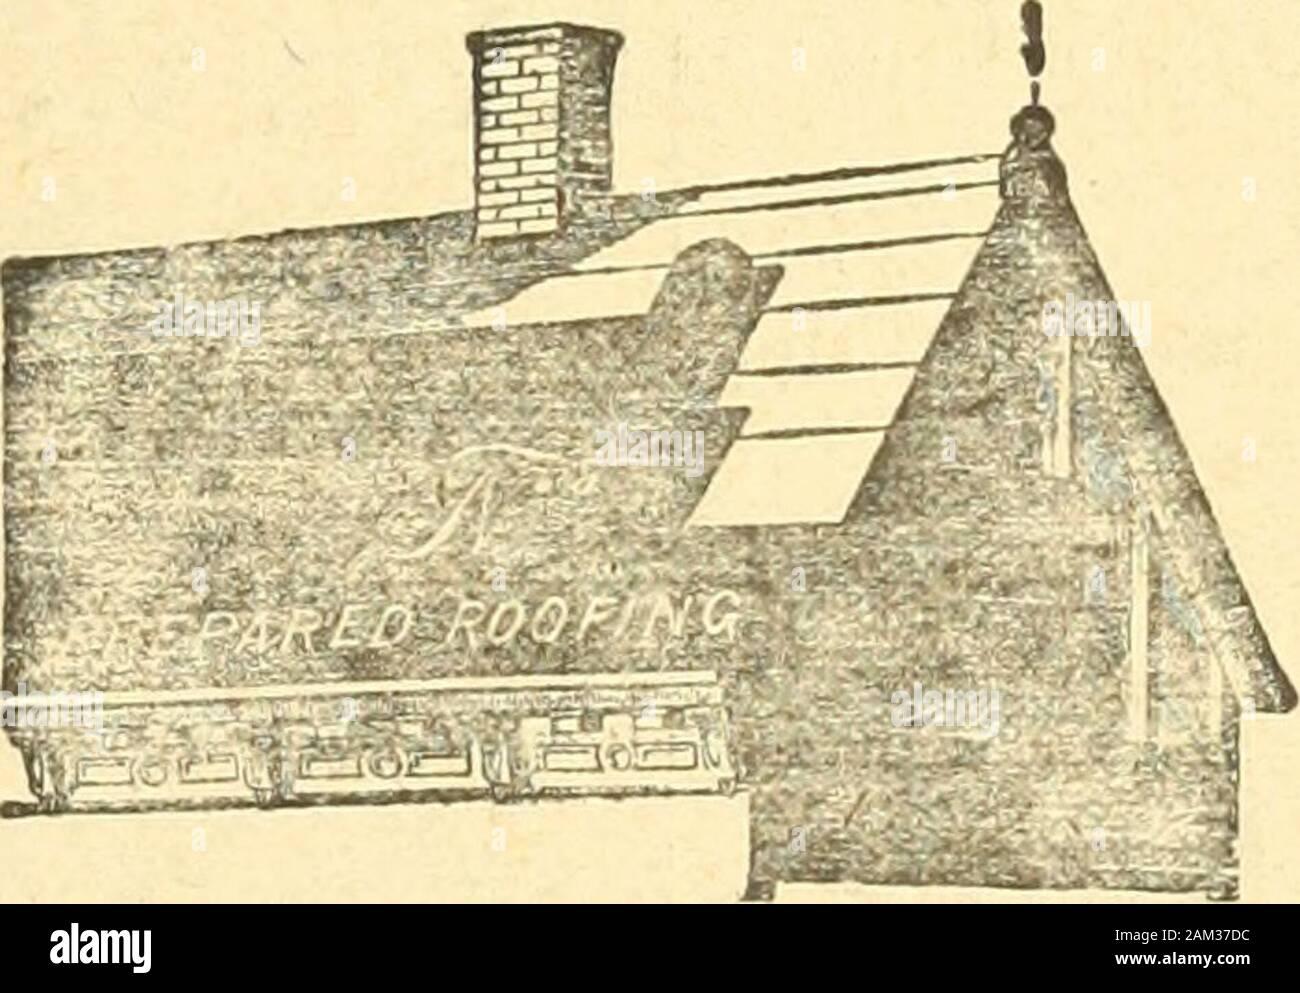 Le quincaillier (Septembre 1888-Aout 1889) . ARCHITECTS MANUFACTURIERS, ENTREPRENEURS &. MARCHANDS DE BOIS Ouvrage de Menuiserie et Fabrique de Boites dEmballage, etc. Moulin** a Scier et a Blanchir : 85 a 95 AVENUE ATWATER, Les CODVERTDRES en FEOTRE (TROTS EI»AISSJETJI£S) posees par TOWLE & MICHAUD Et peintures avee leur celebre Peinture a lepreuve du feu etde leau, sont garantis pour dix tins. Ce mode de Couver-tures augmente tous lesjours, il est considerfR: comme le plus economi- .que, le plus durable et E,spgcialement adapts anotre climat.. Tous ceux qui ontfait poser de eesToitsouqui se Stock Photo